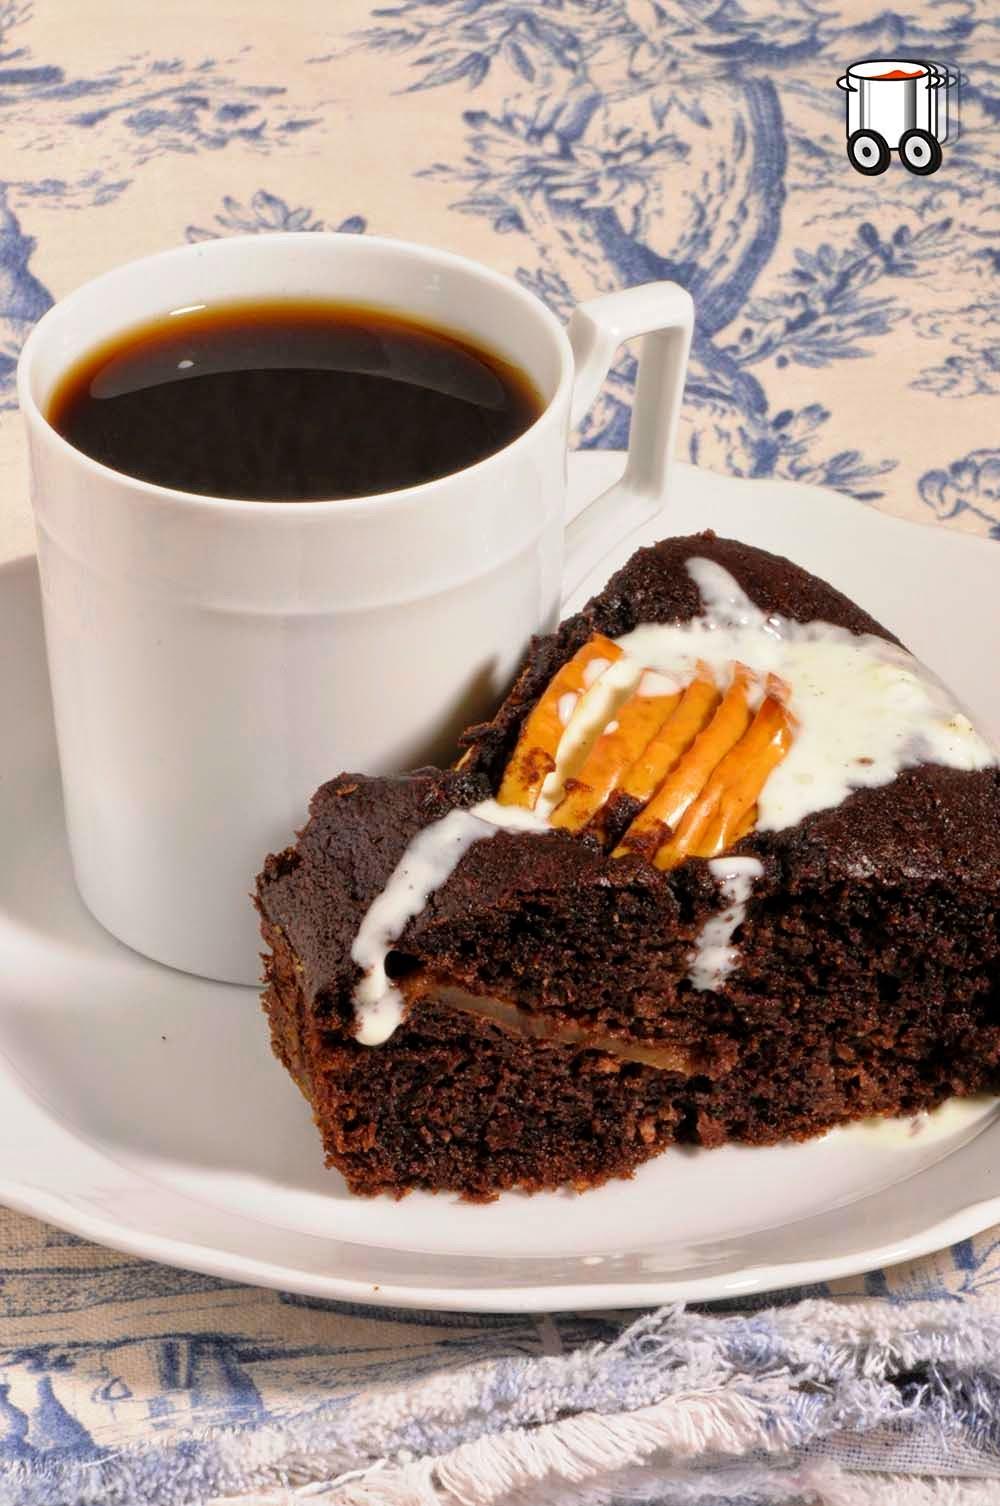 Szybko Tanio Smacznie - Wielkanocne ciasto czekoladowe z jabłkami (bez glutenu, bez masła, bez laktozy). Babka